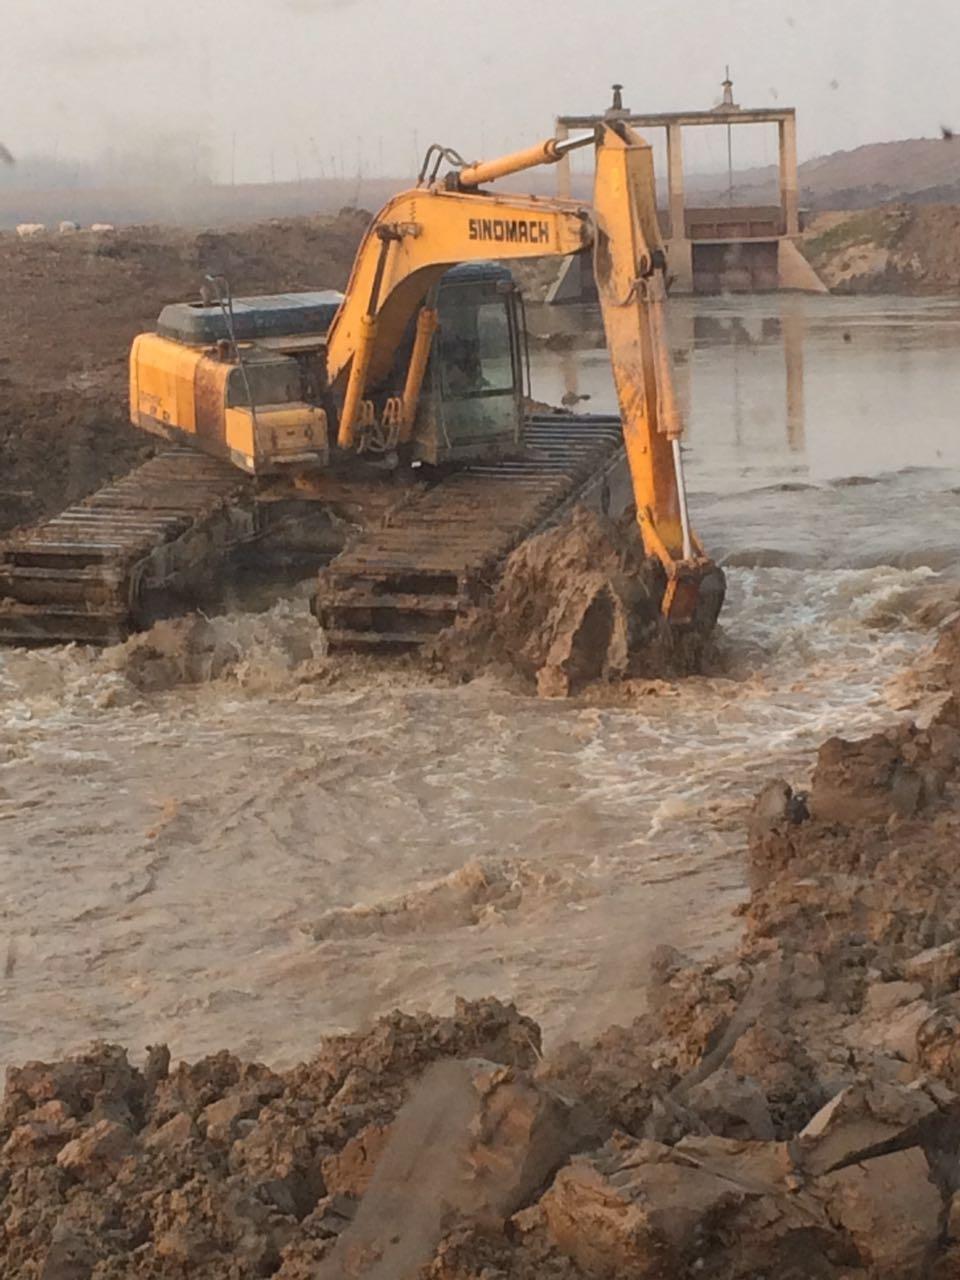 孝感水上挖掘机 十堰水上挖掘机 薄利多销